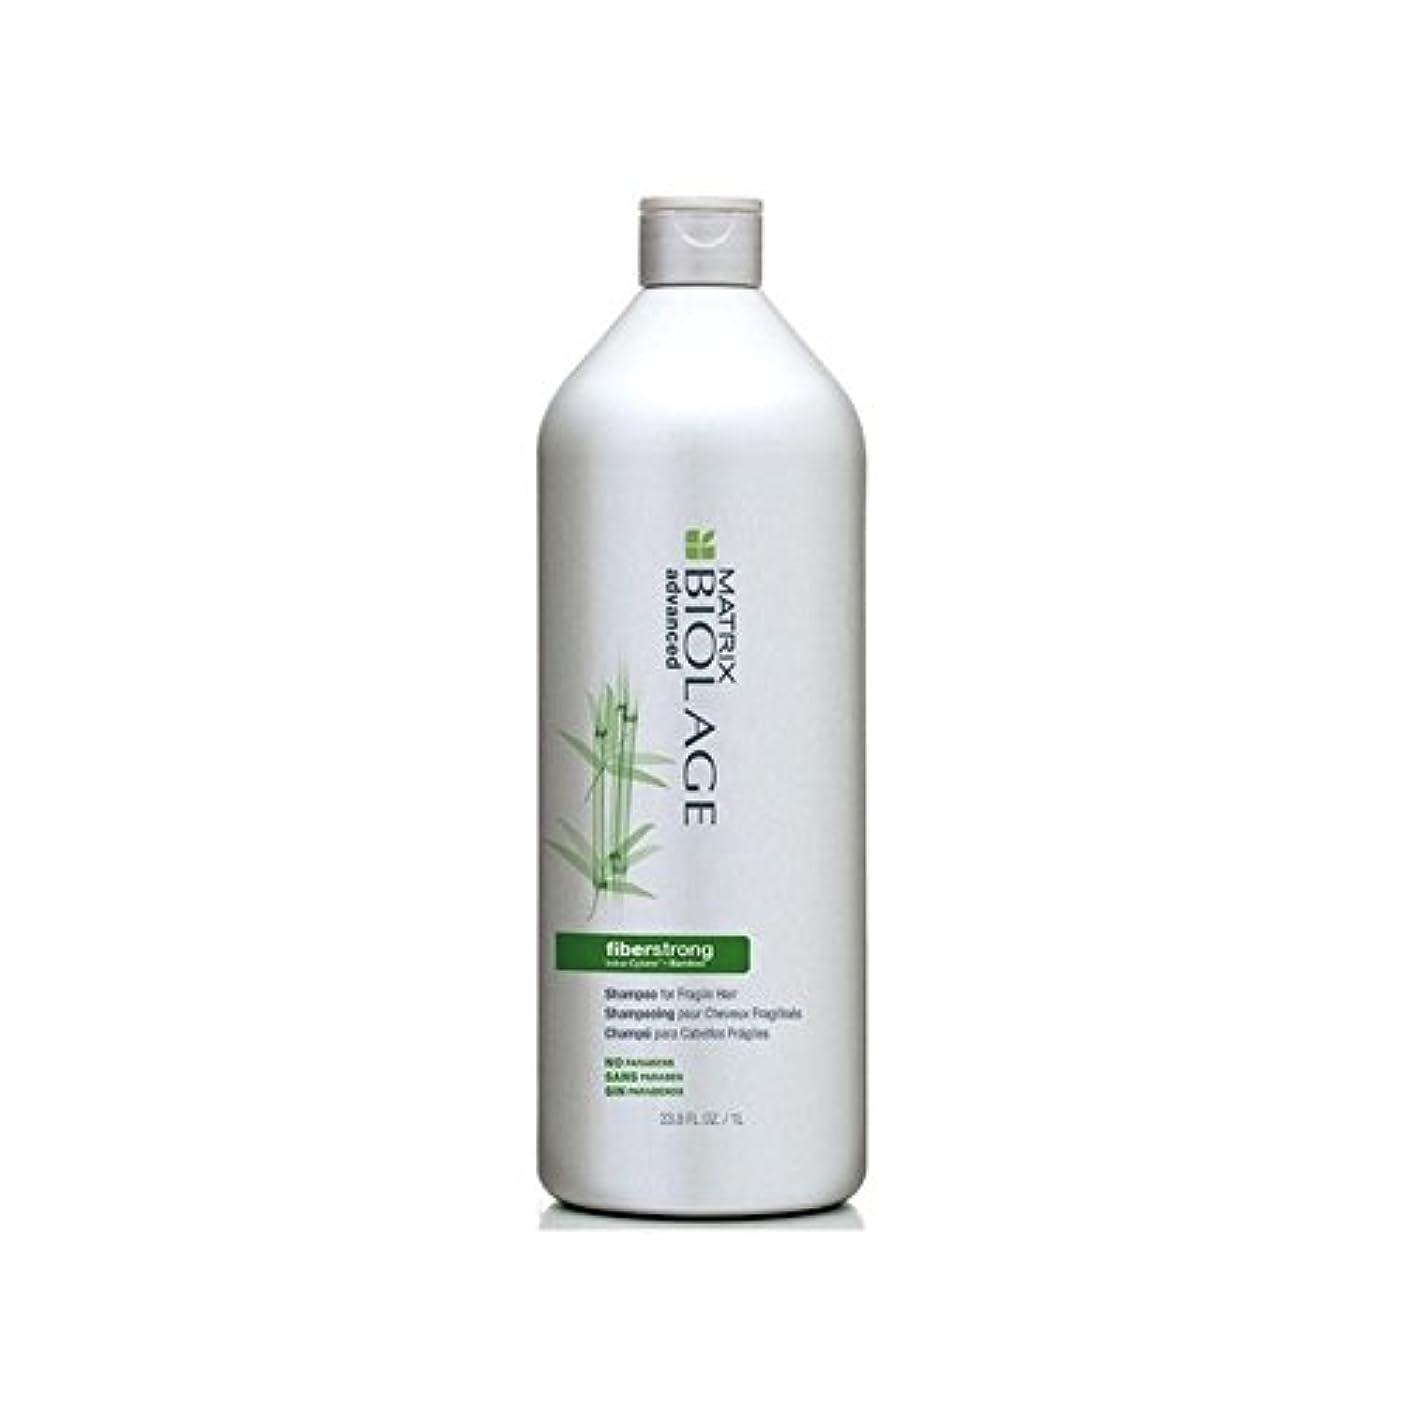 検索エンジンマーケティング突進実験室Matrix Biolage Fiberstrong Shampoo (1000ml) With Pump (Pack of 6) - ポンプを有するマトリックスバイオレイジのシャンプー(千ミリリットル) x6 [並行輸入品]